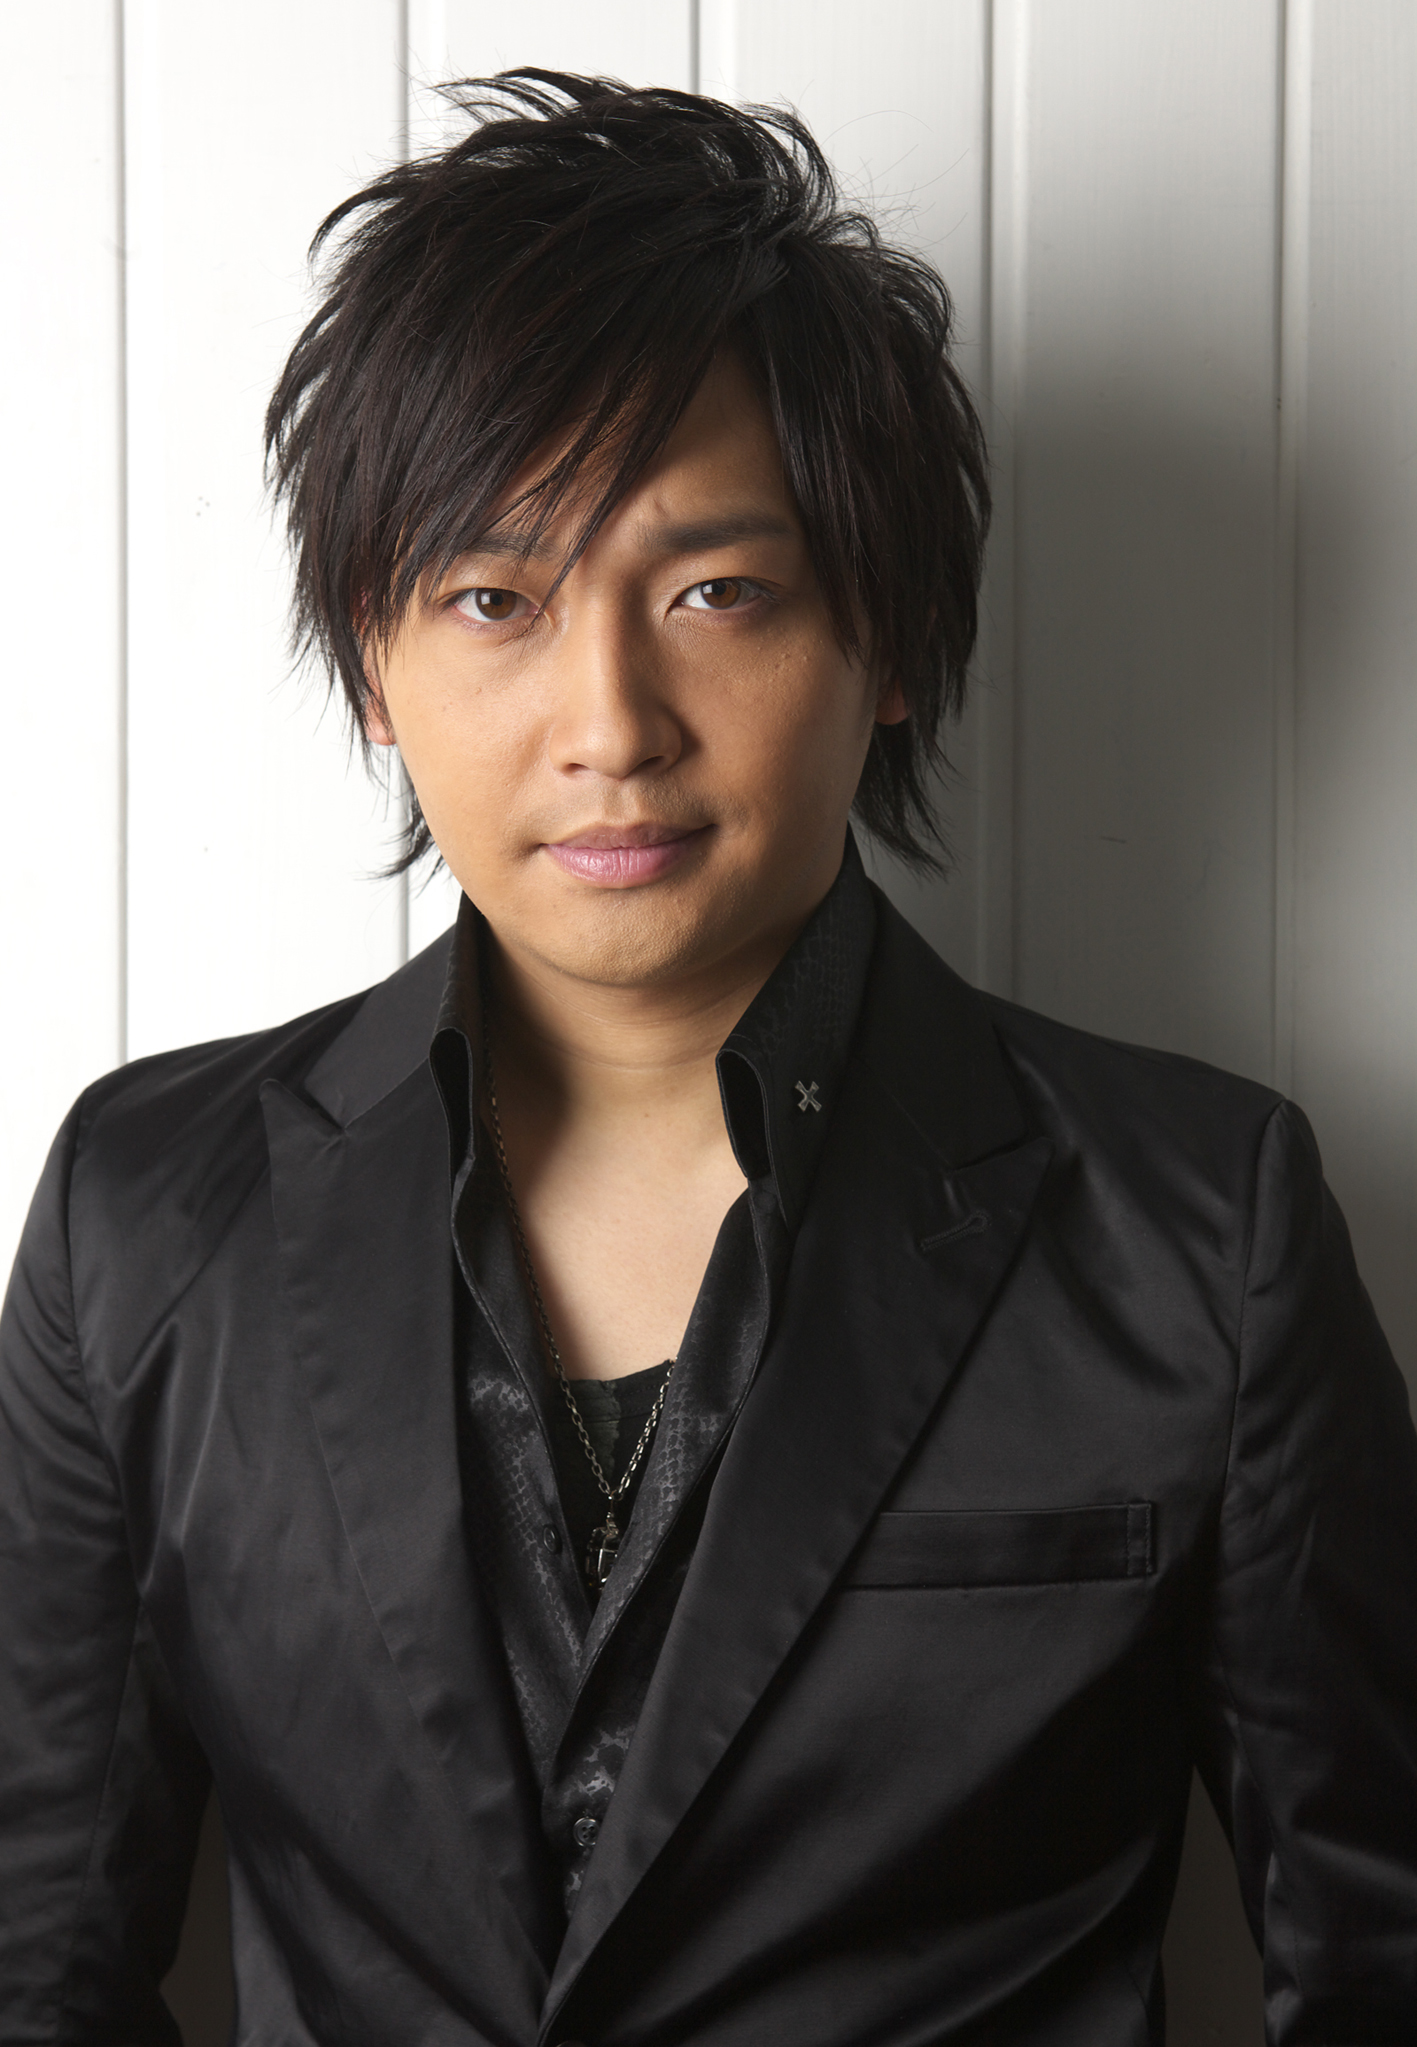 声優・中村悠一、テレビアニメで大活躍のセクシーな声に迫る!のサムネイル画像